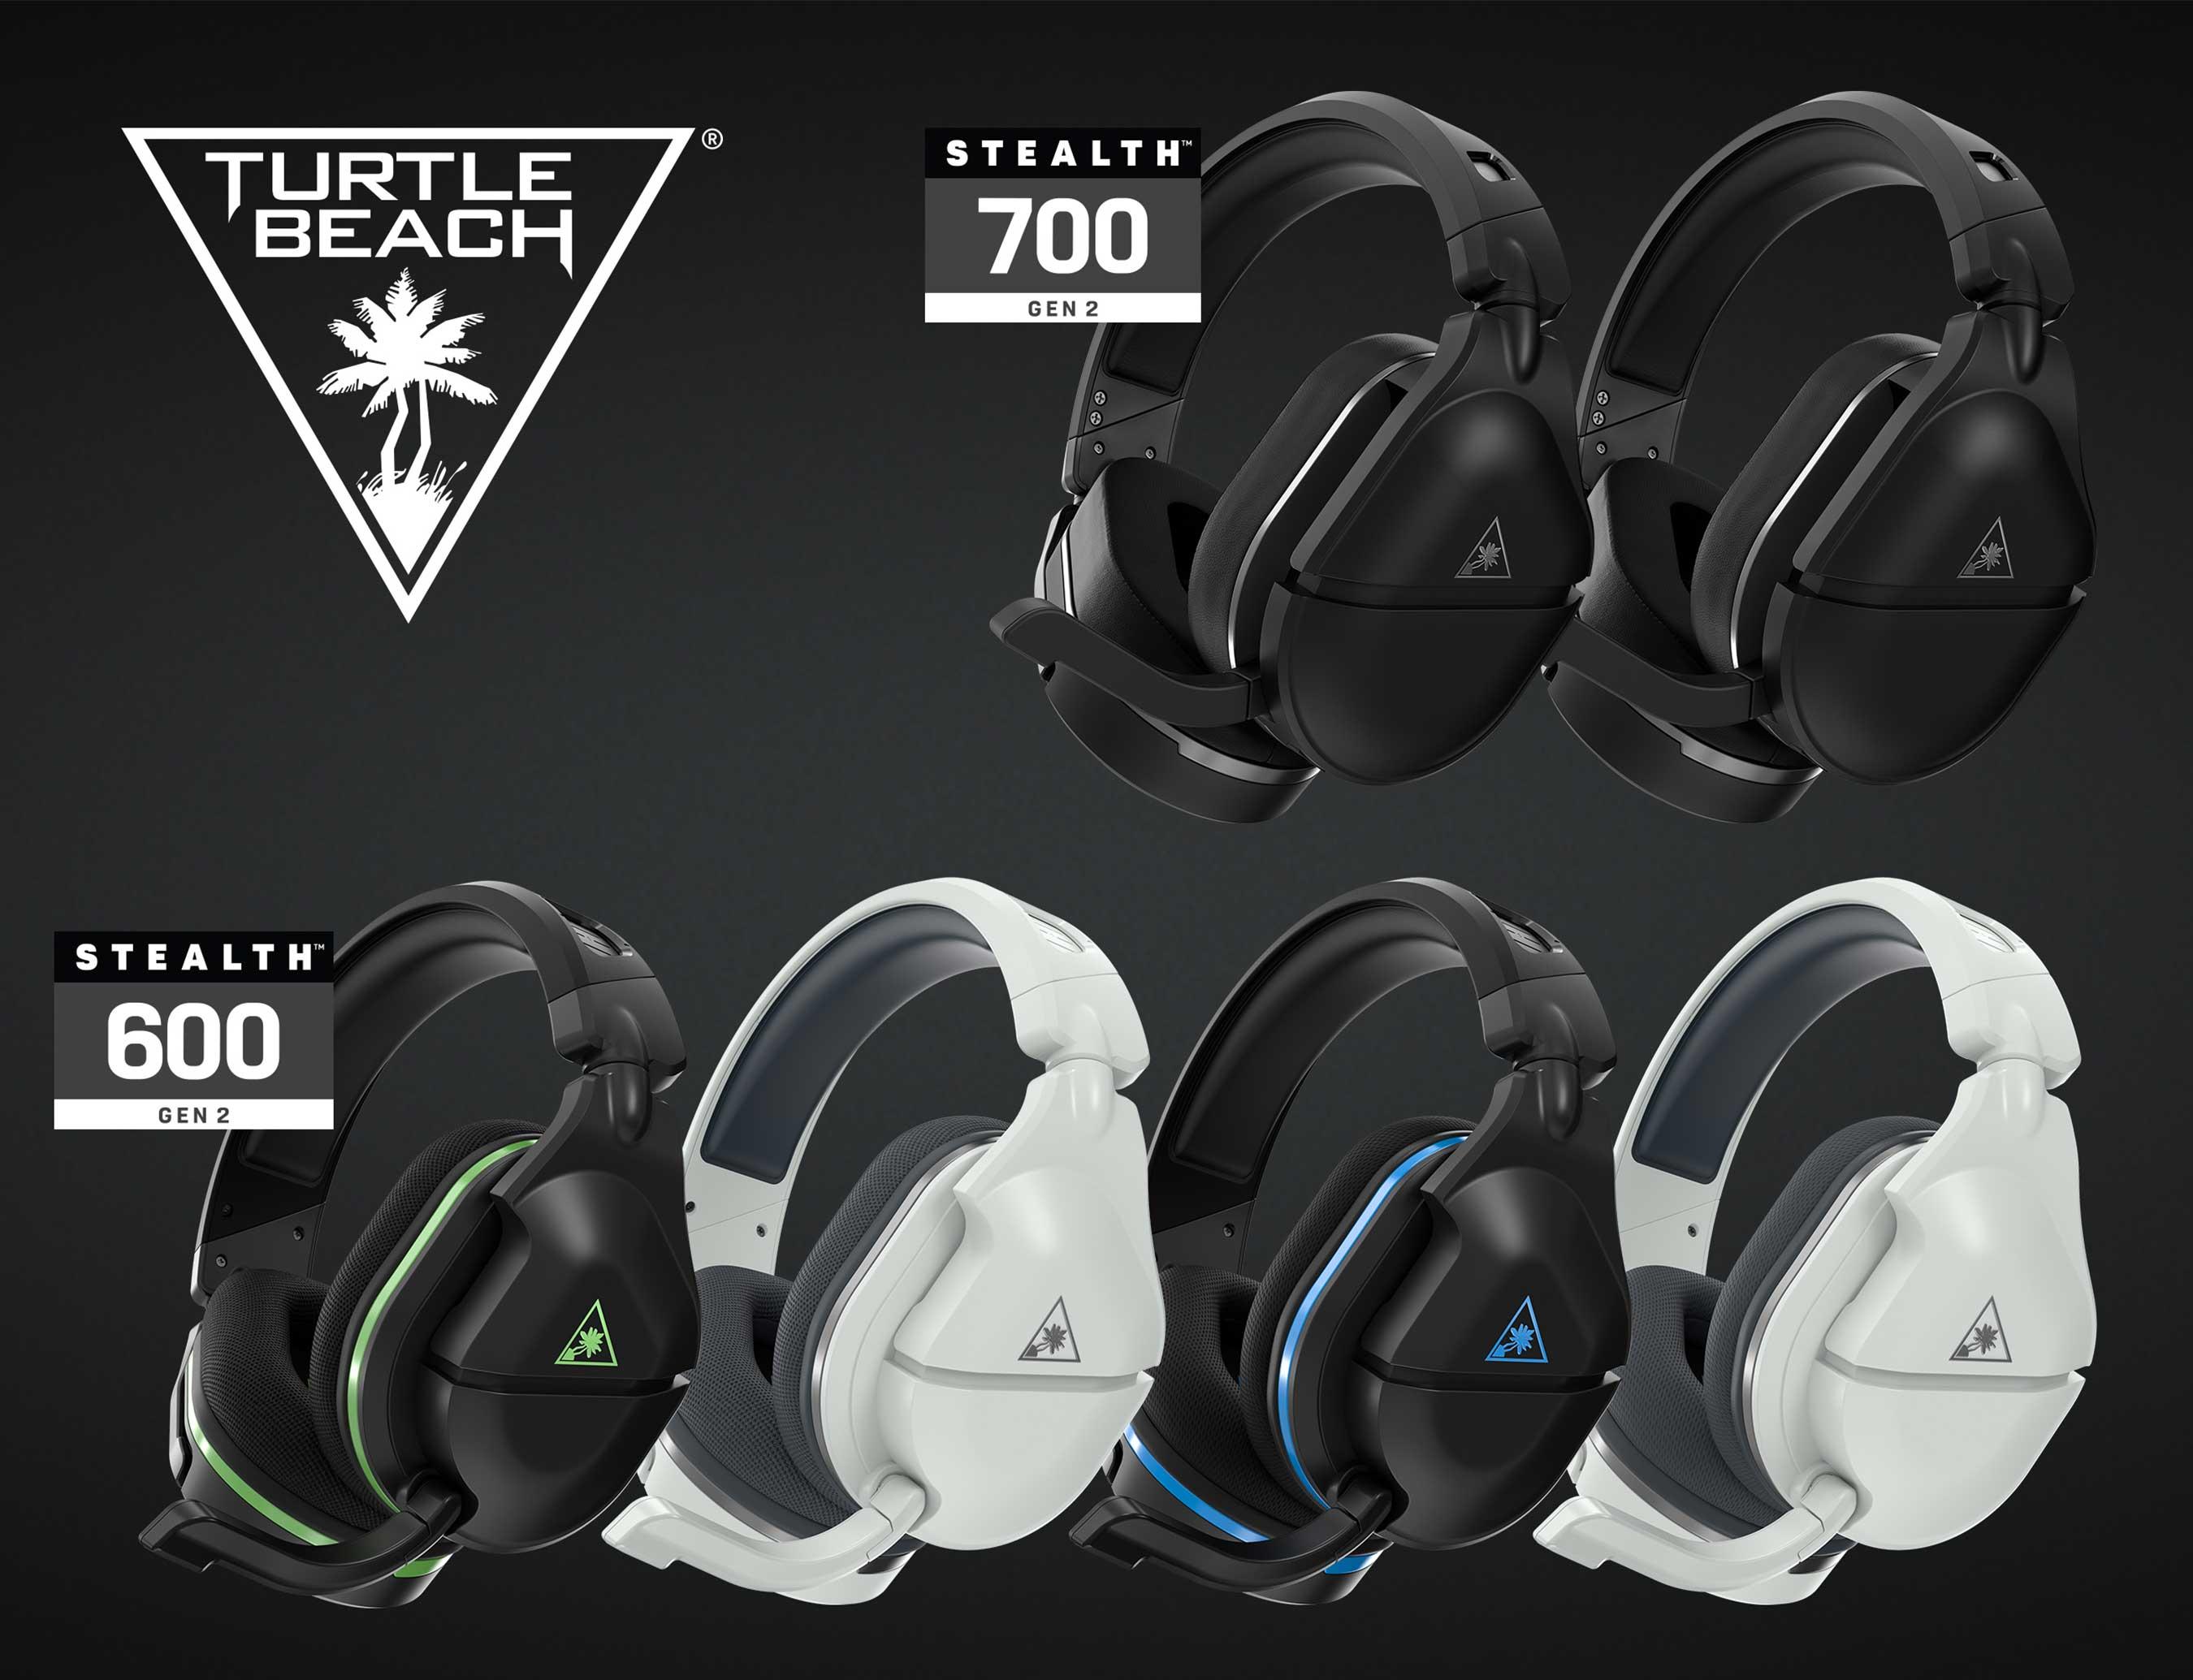 Stealth 600/700 Gen 2s